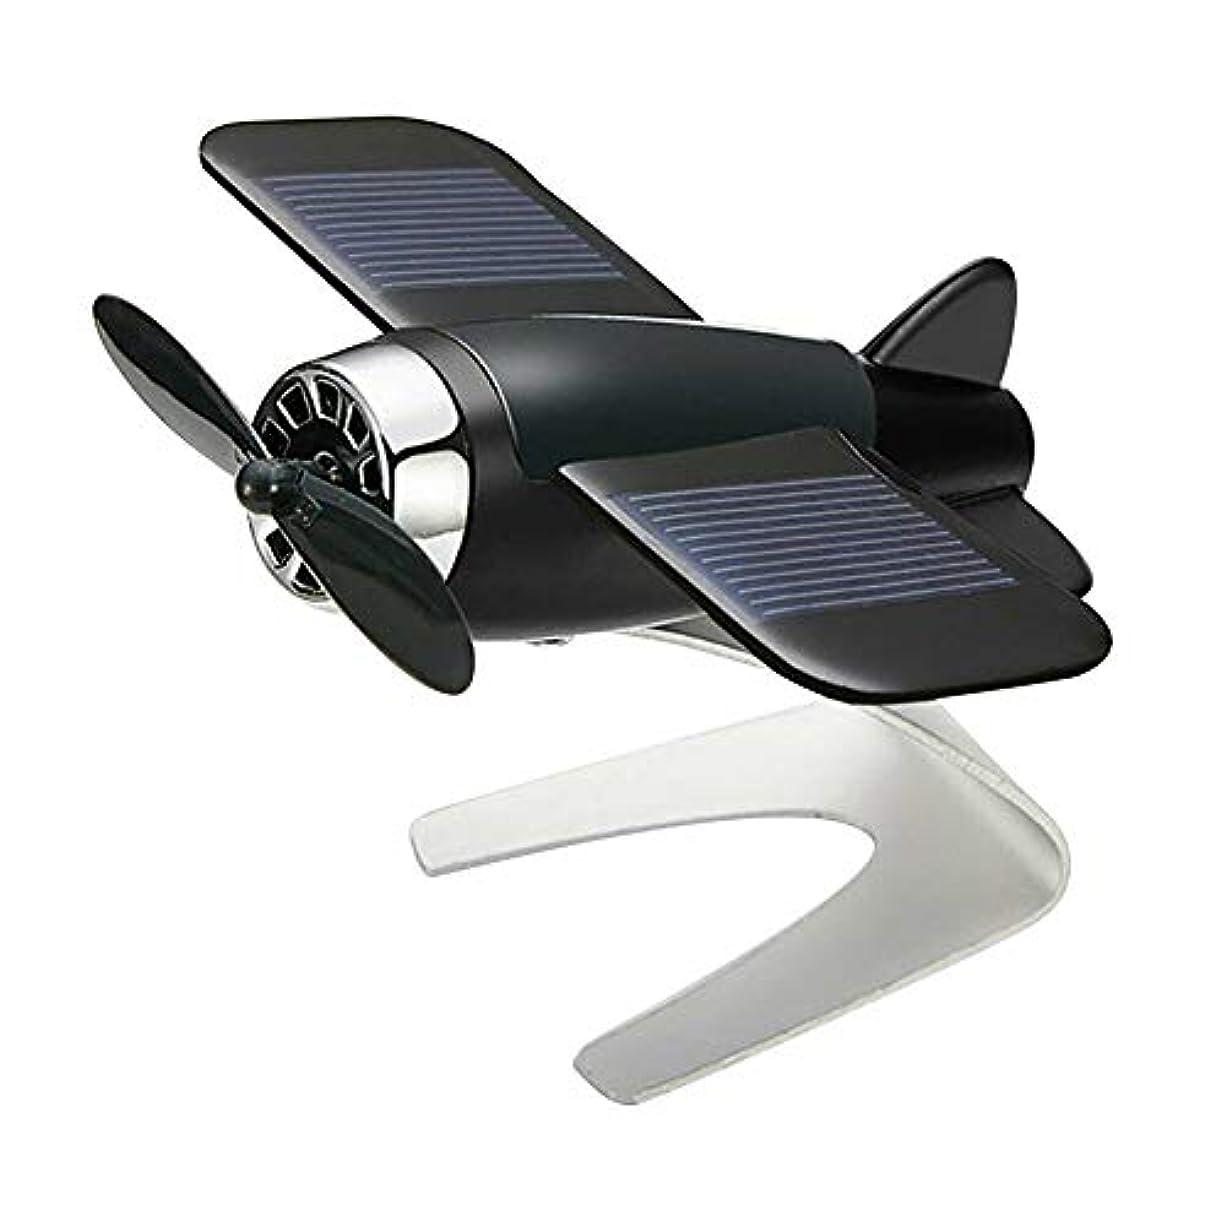 ヘビーラジカル先祖Symboat 車の芳香剤飛行機航空機モデル太陽エネルギーアロマテラピー室内装飾